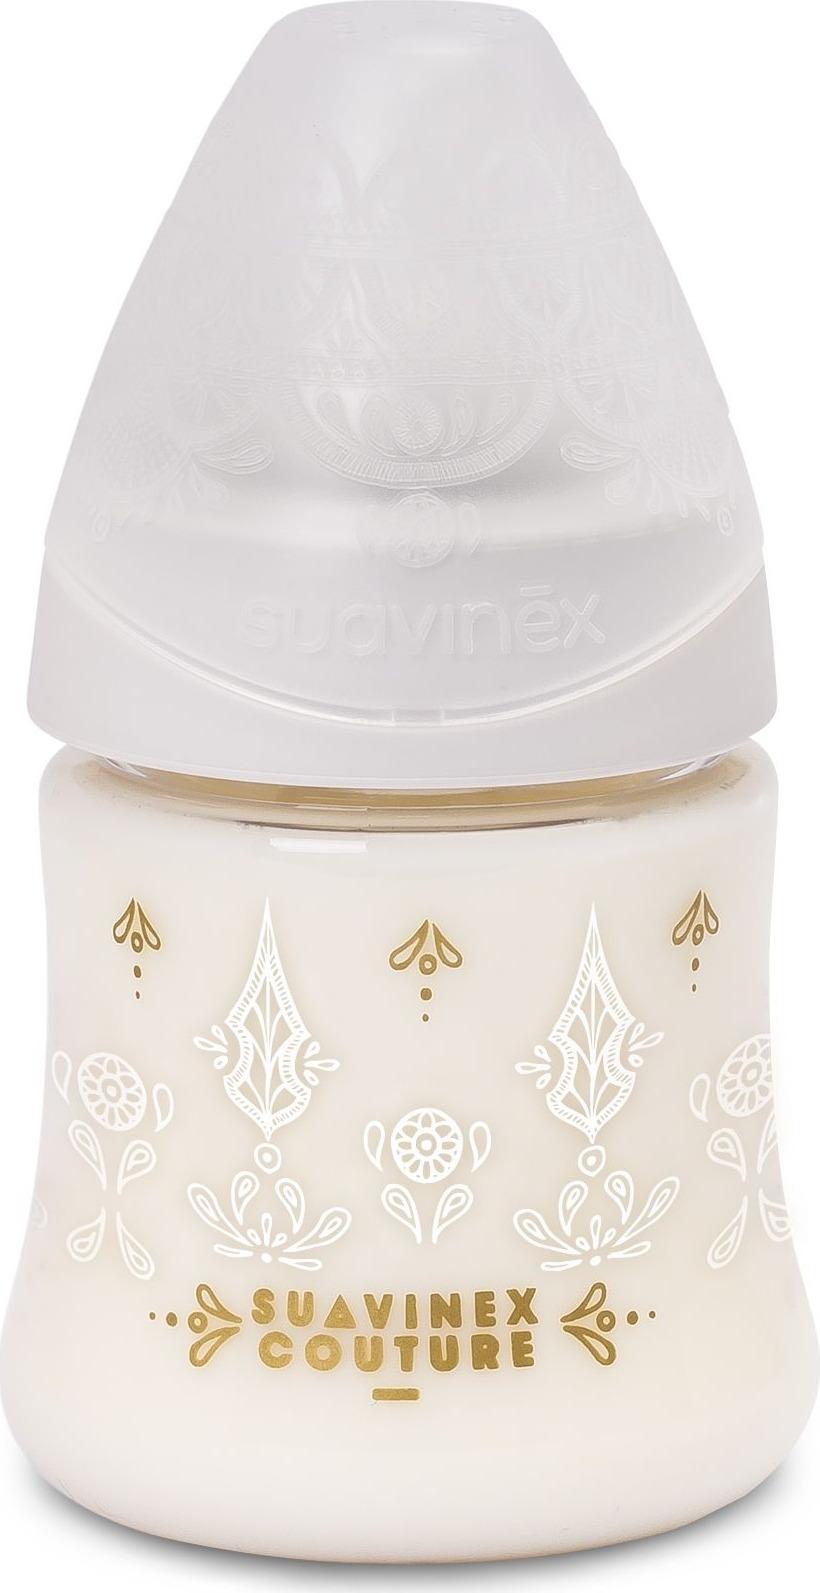 Бутылочка для кормления Suavinex Haute Couture, от 0 месяцев, с силиконовой круглой соской, 3162101, белый, 150 мл цена